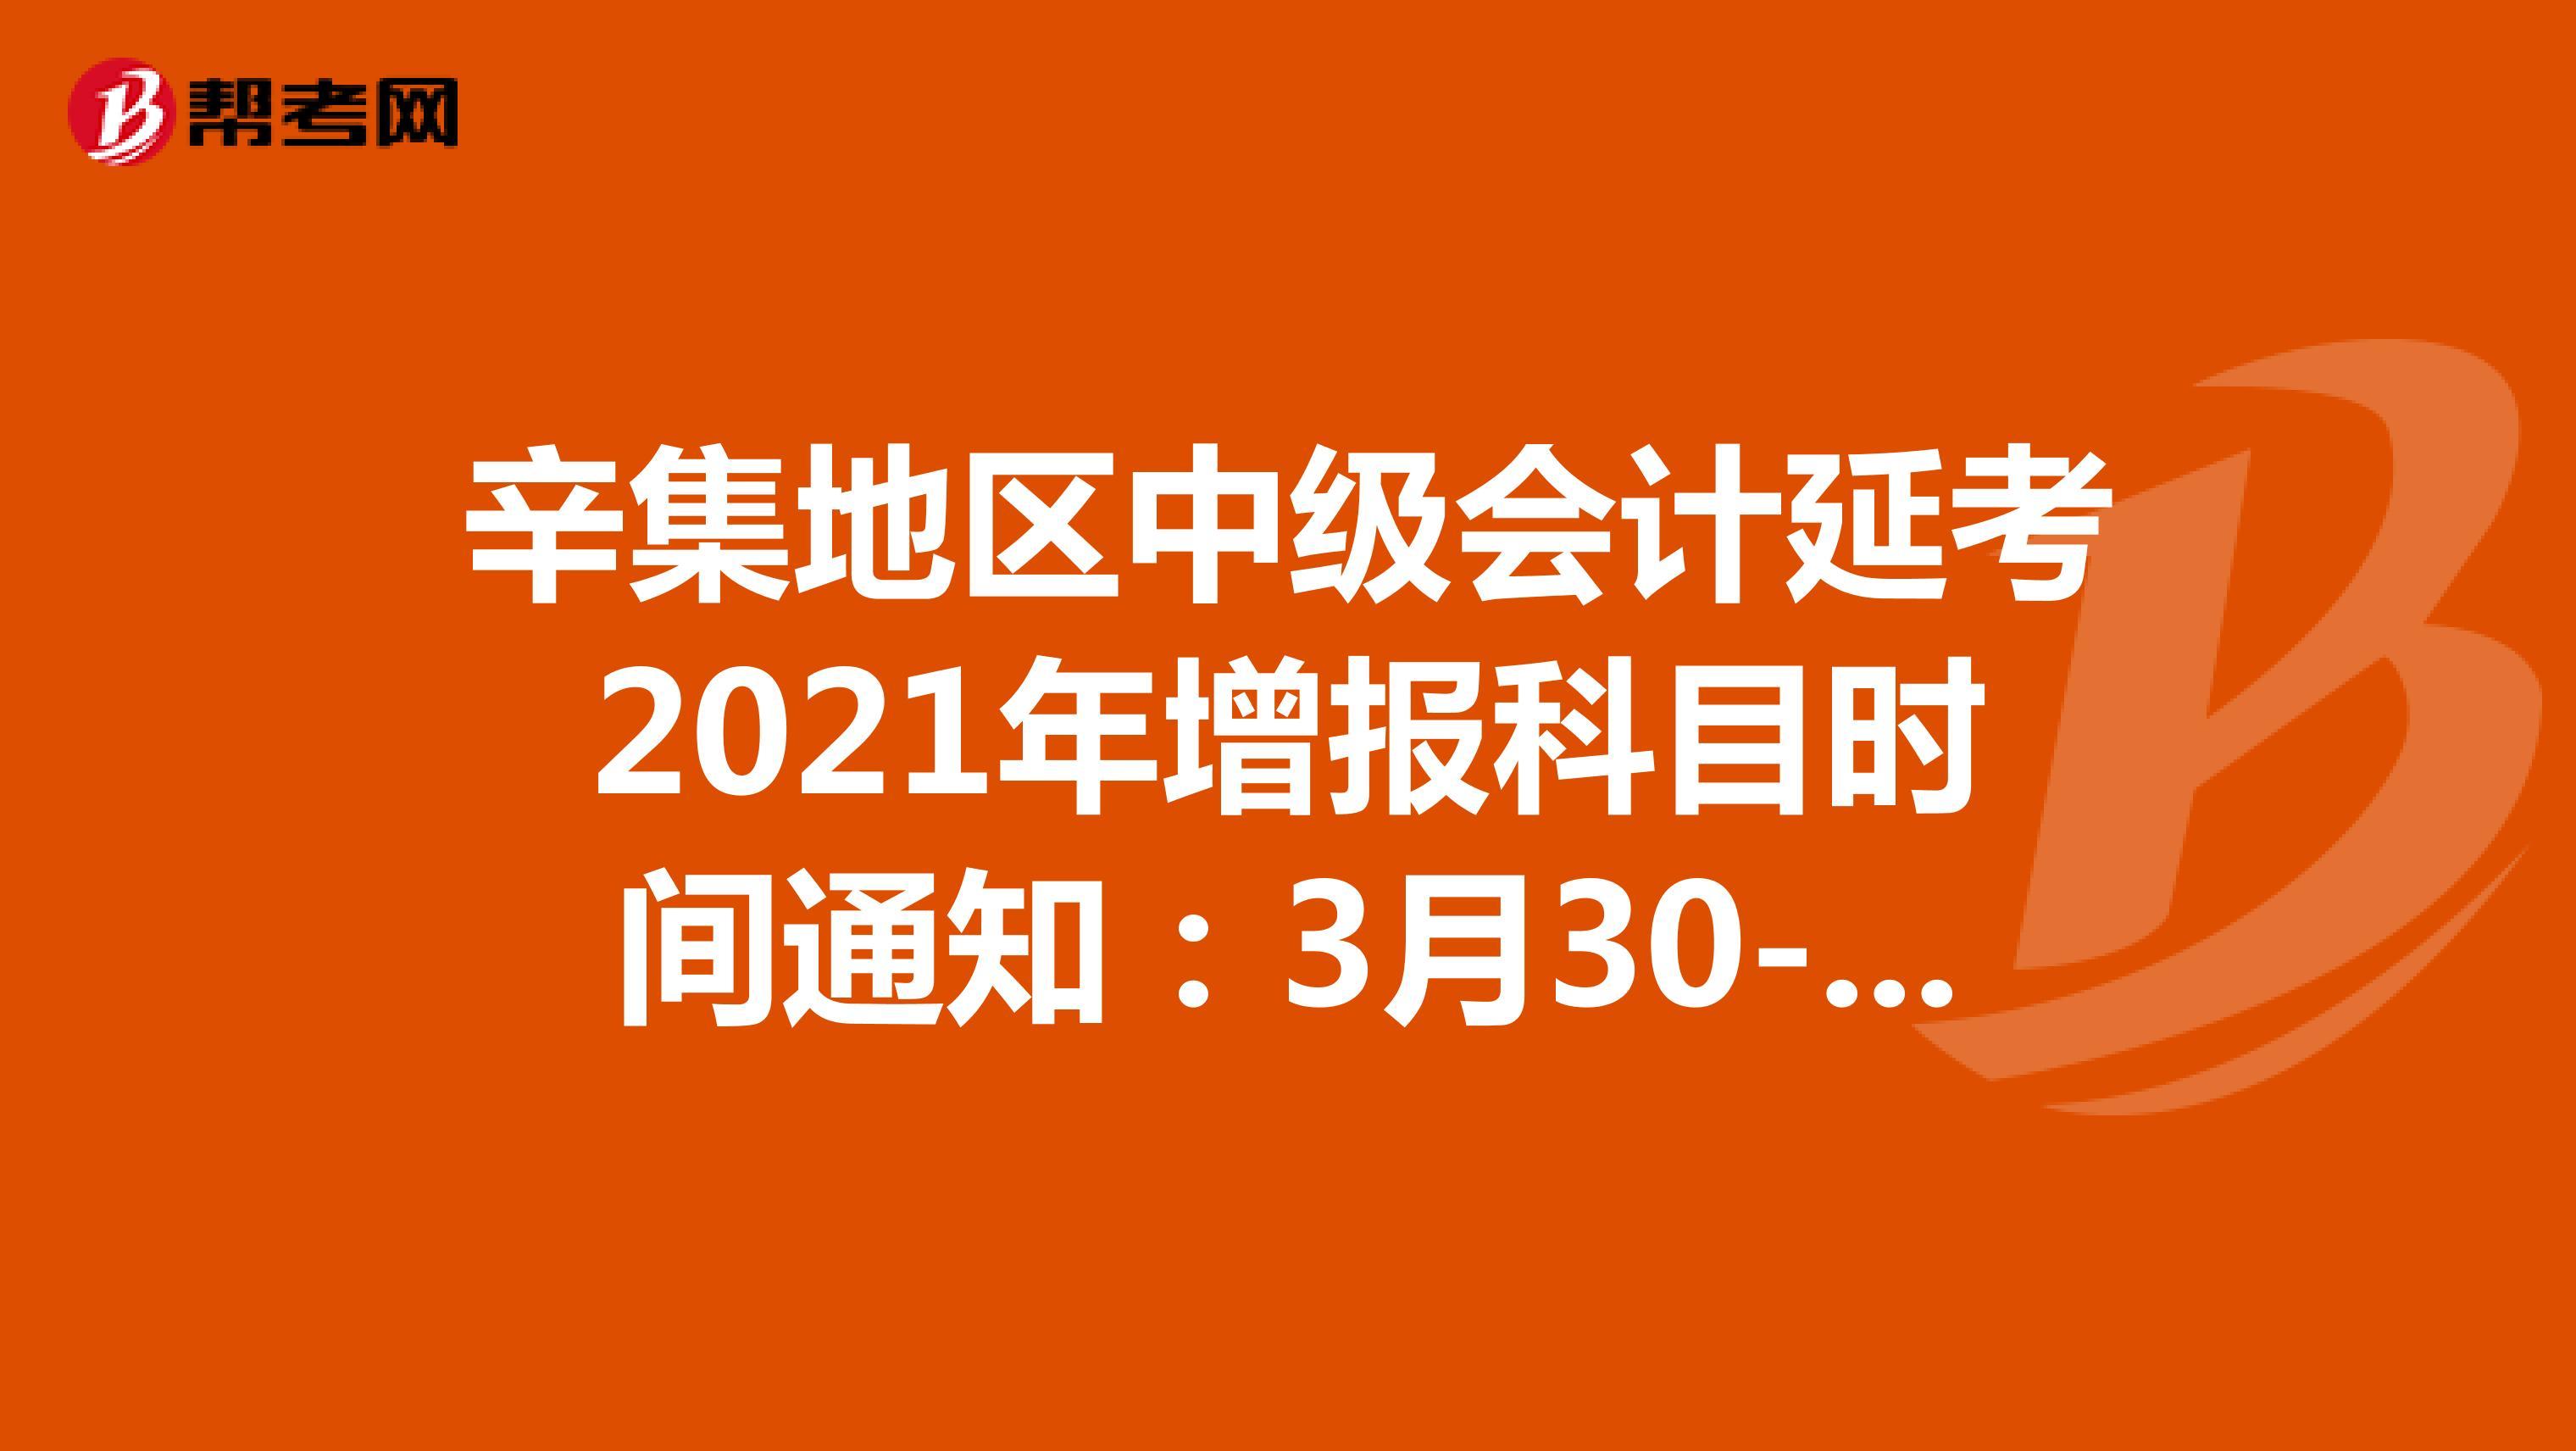 辛集地区中级会计延考2021年增报科目时间通知:3月30-31日